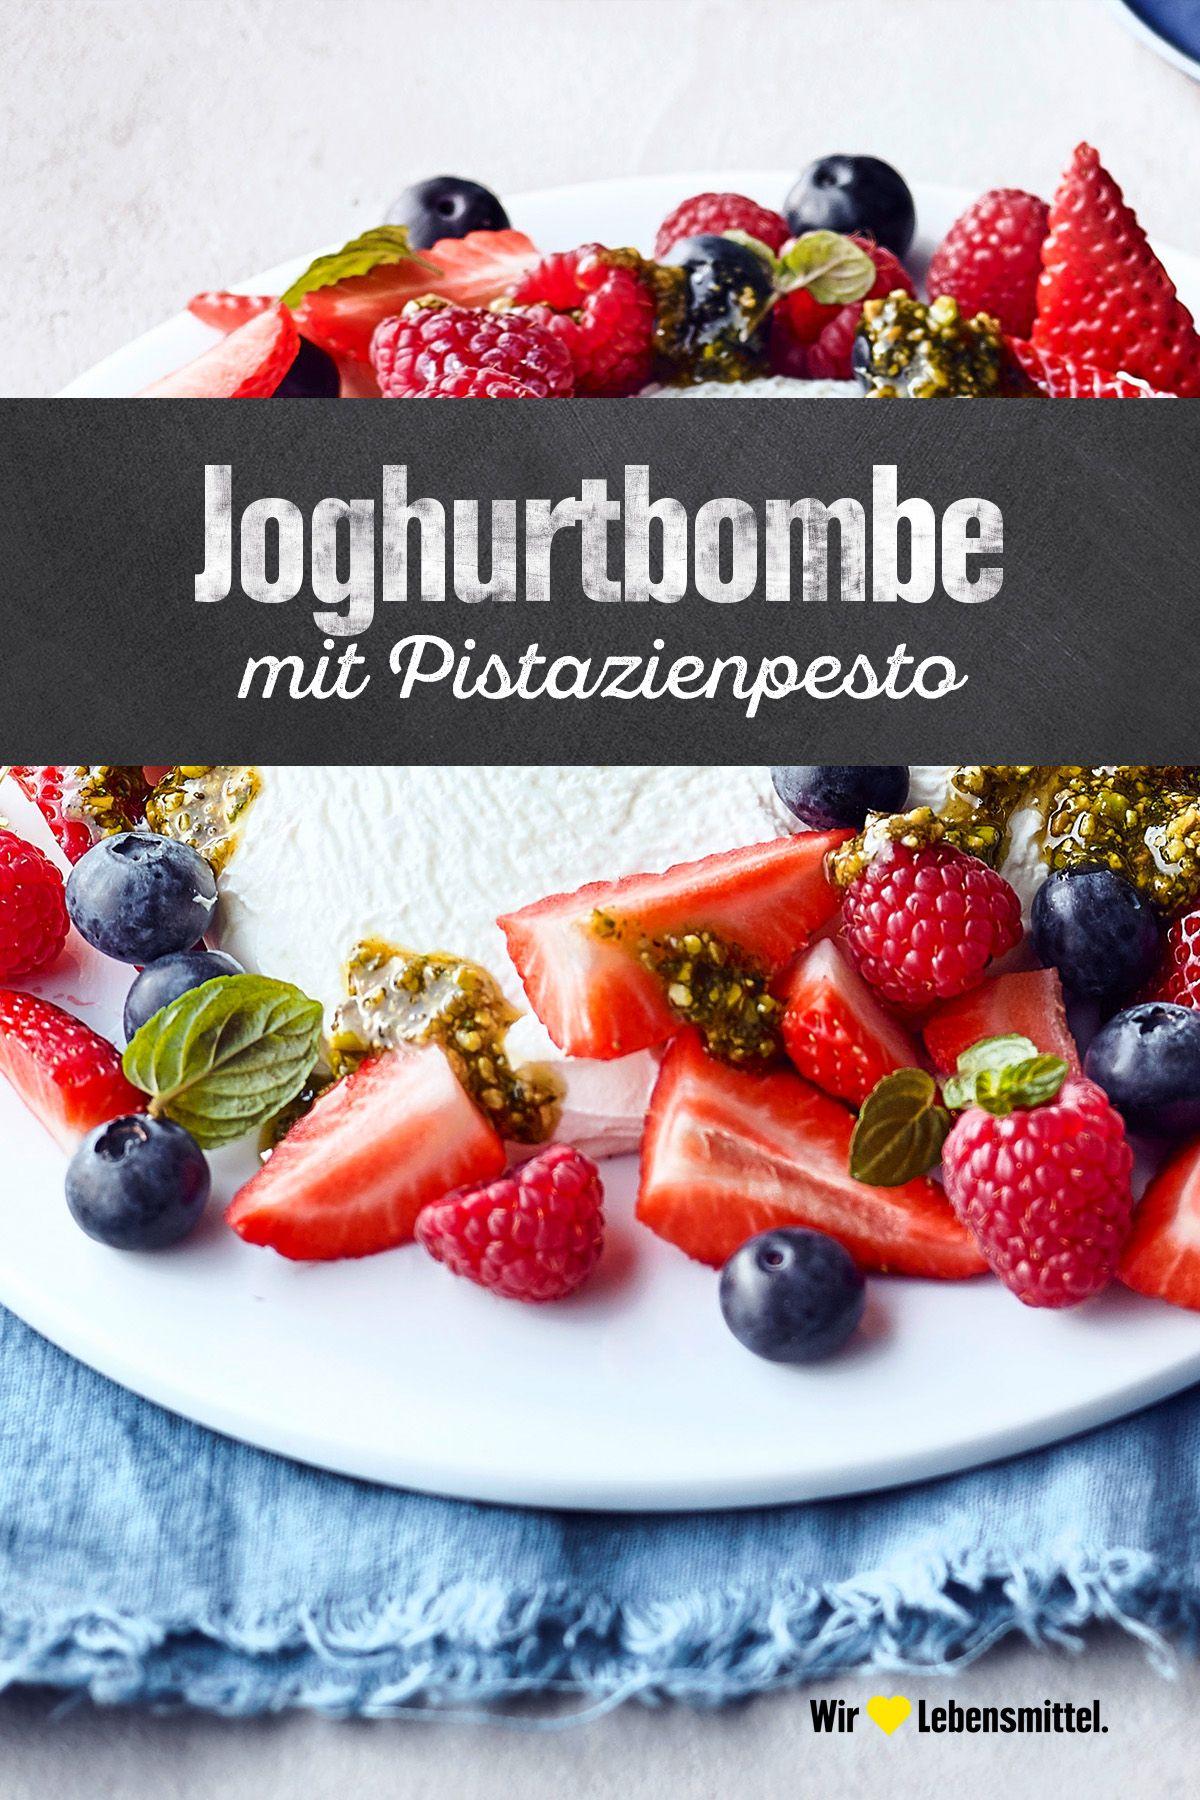 ad9904b56d2dc54d62b847b79595b743 - Joghurtbombe Rezepte